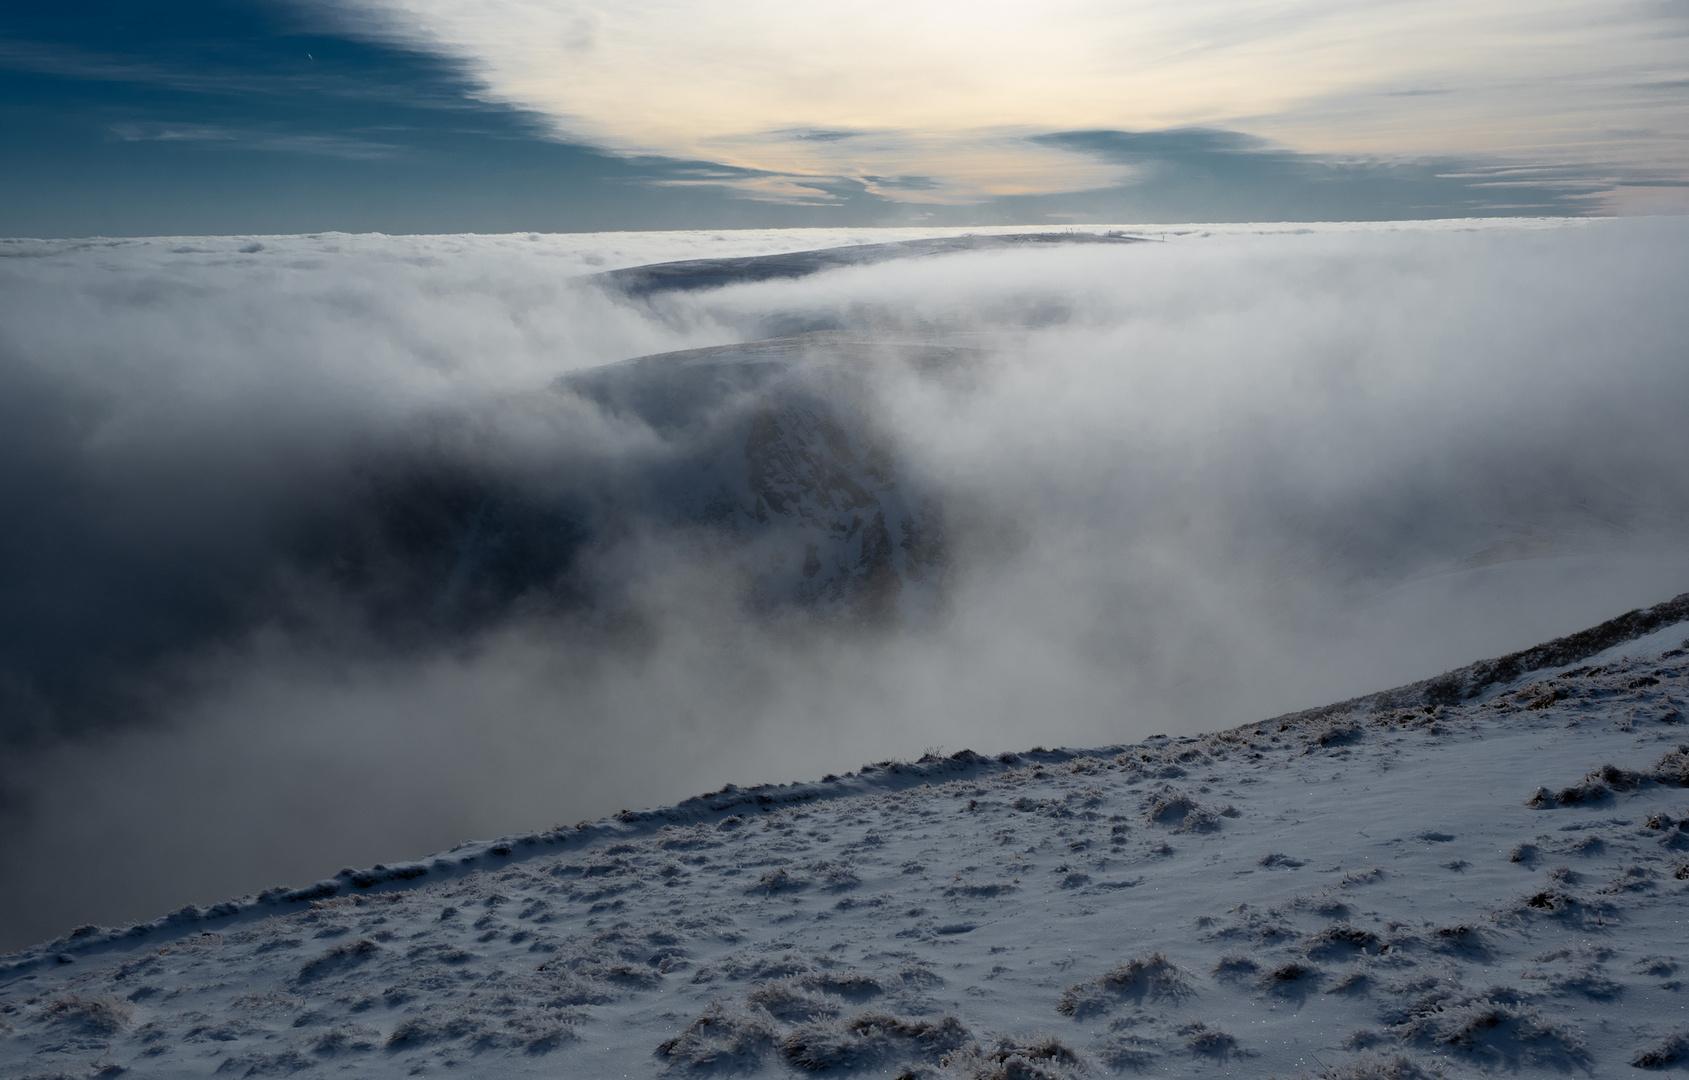 Hohneck, neige et nuage